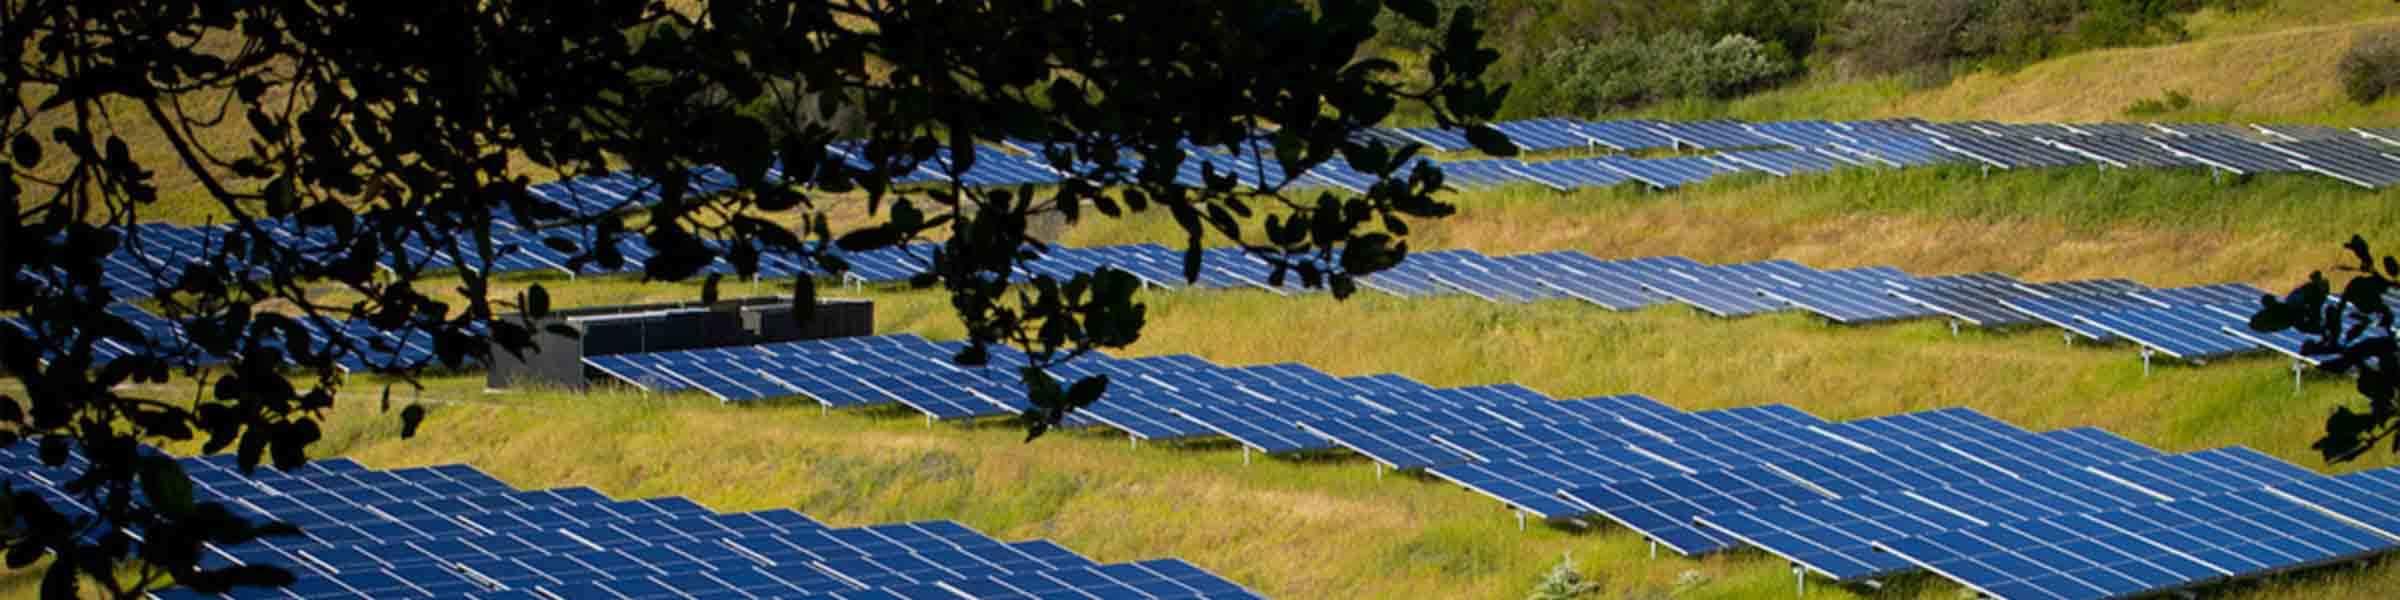 Solar Panels Field Header